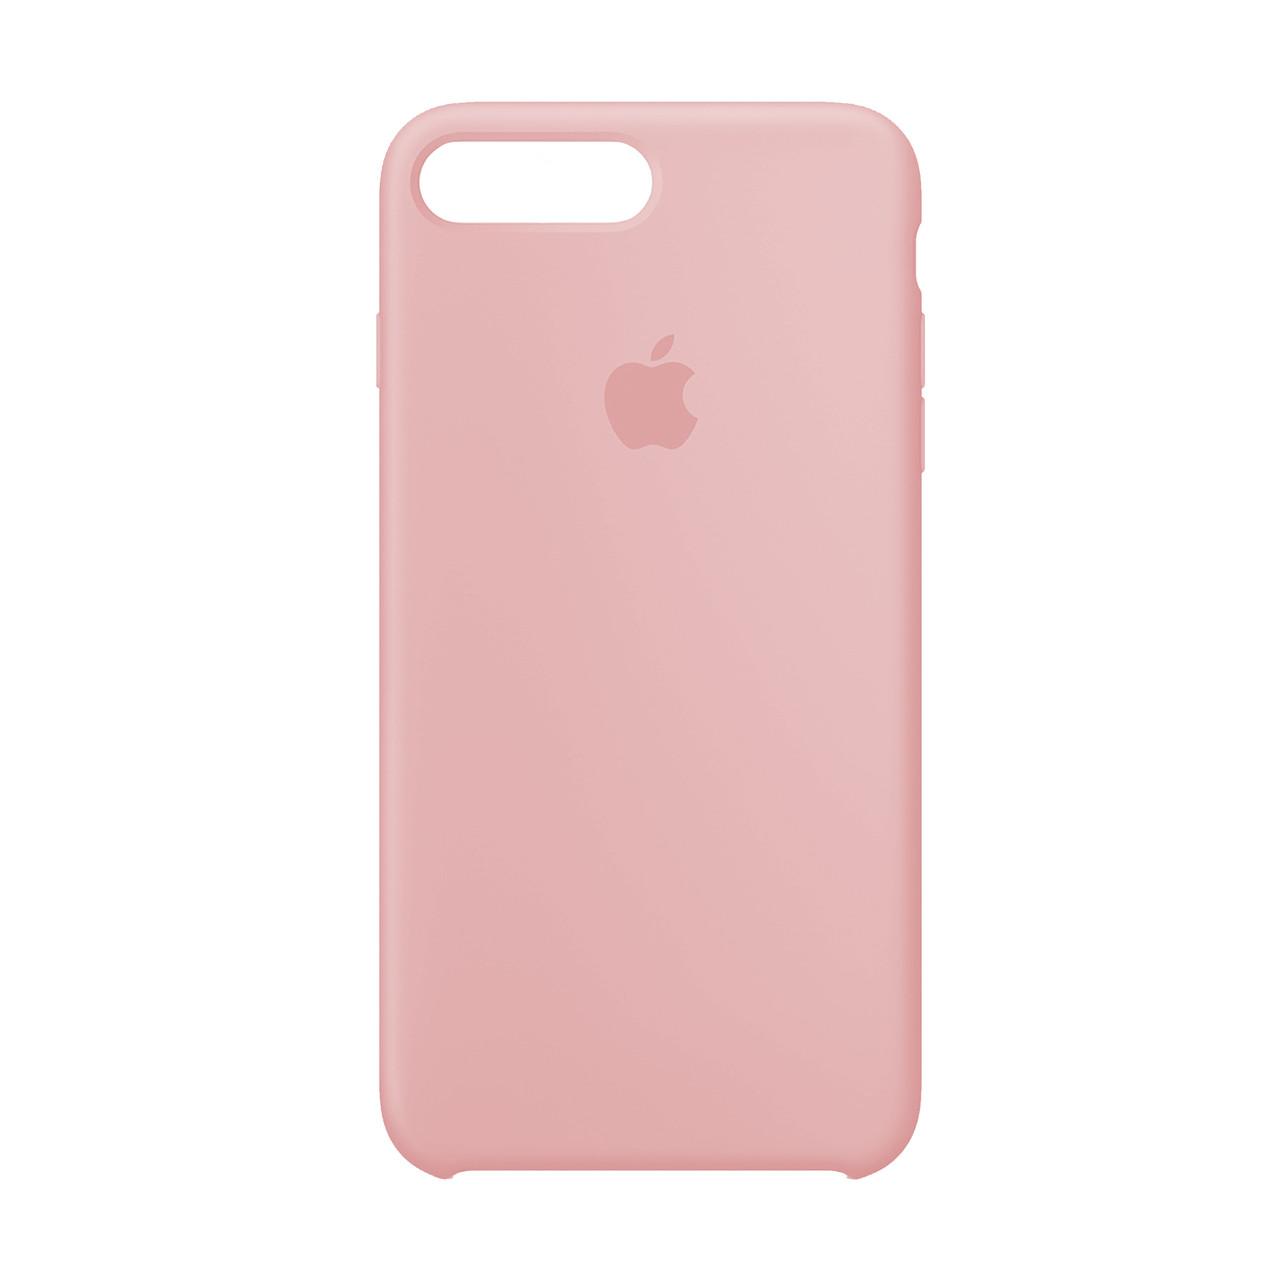 Оригинальный силиконовый чехол для Apple iPhone 7 Plus / 8 Plus Silicone case (Розовый)